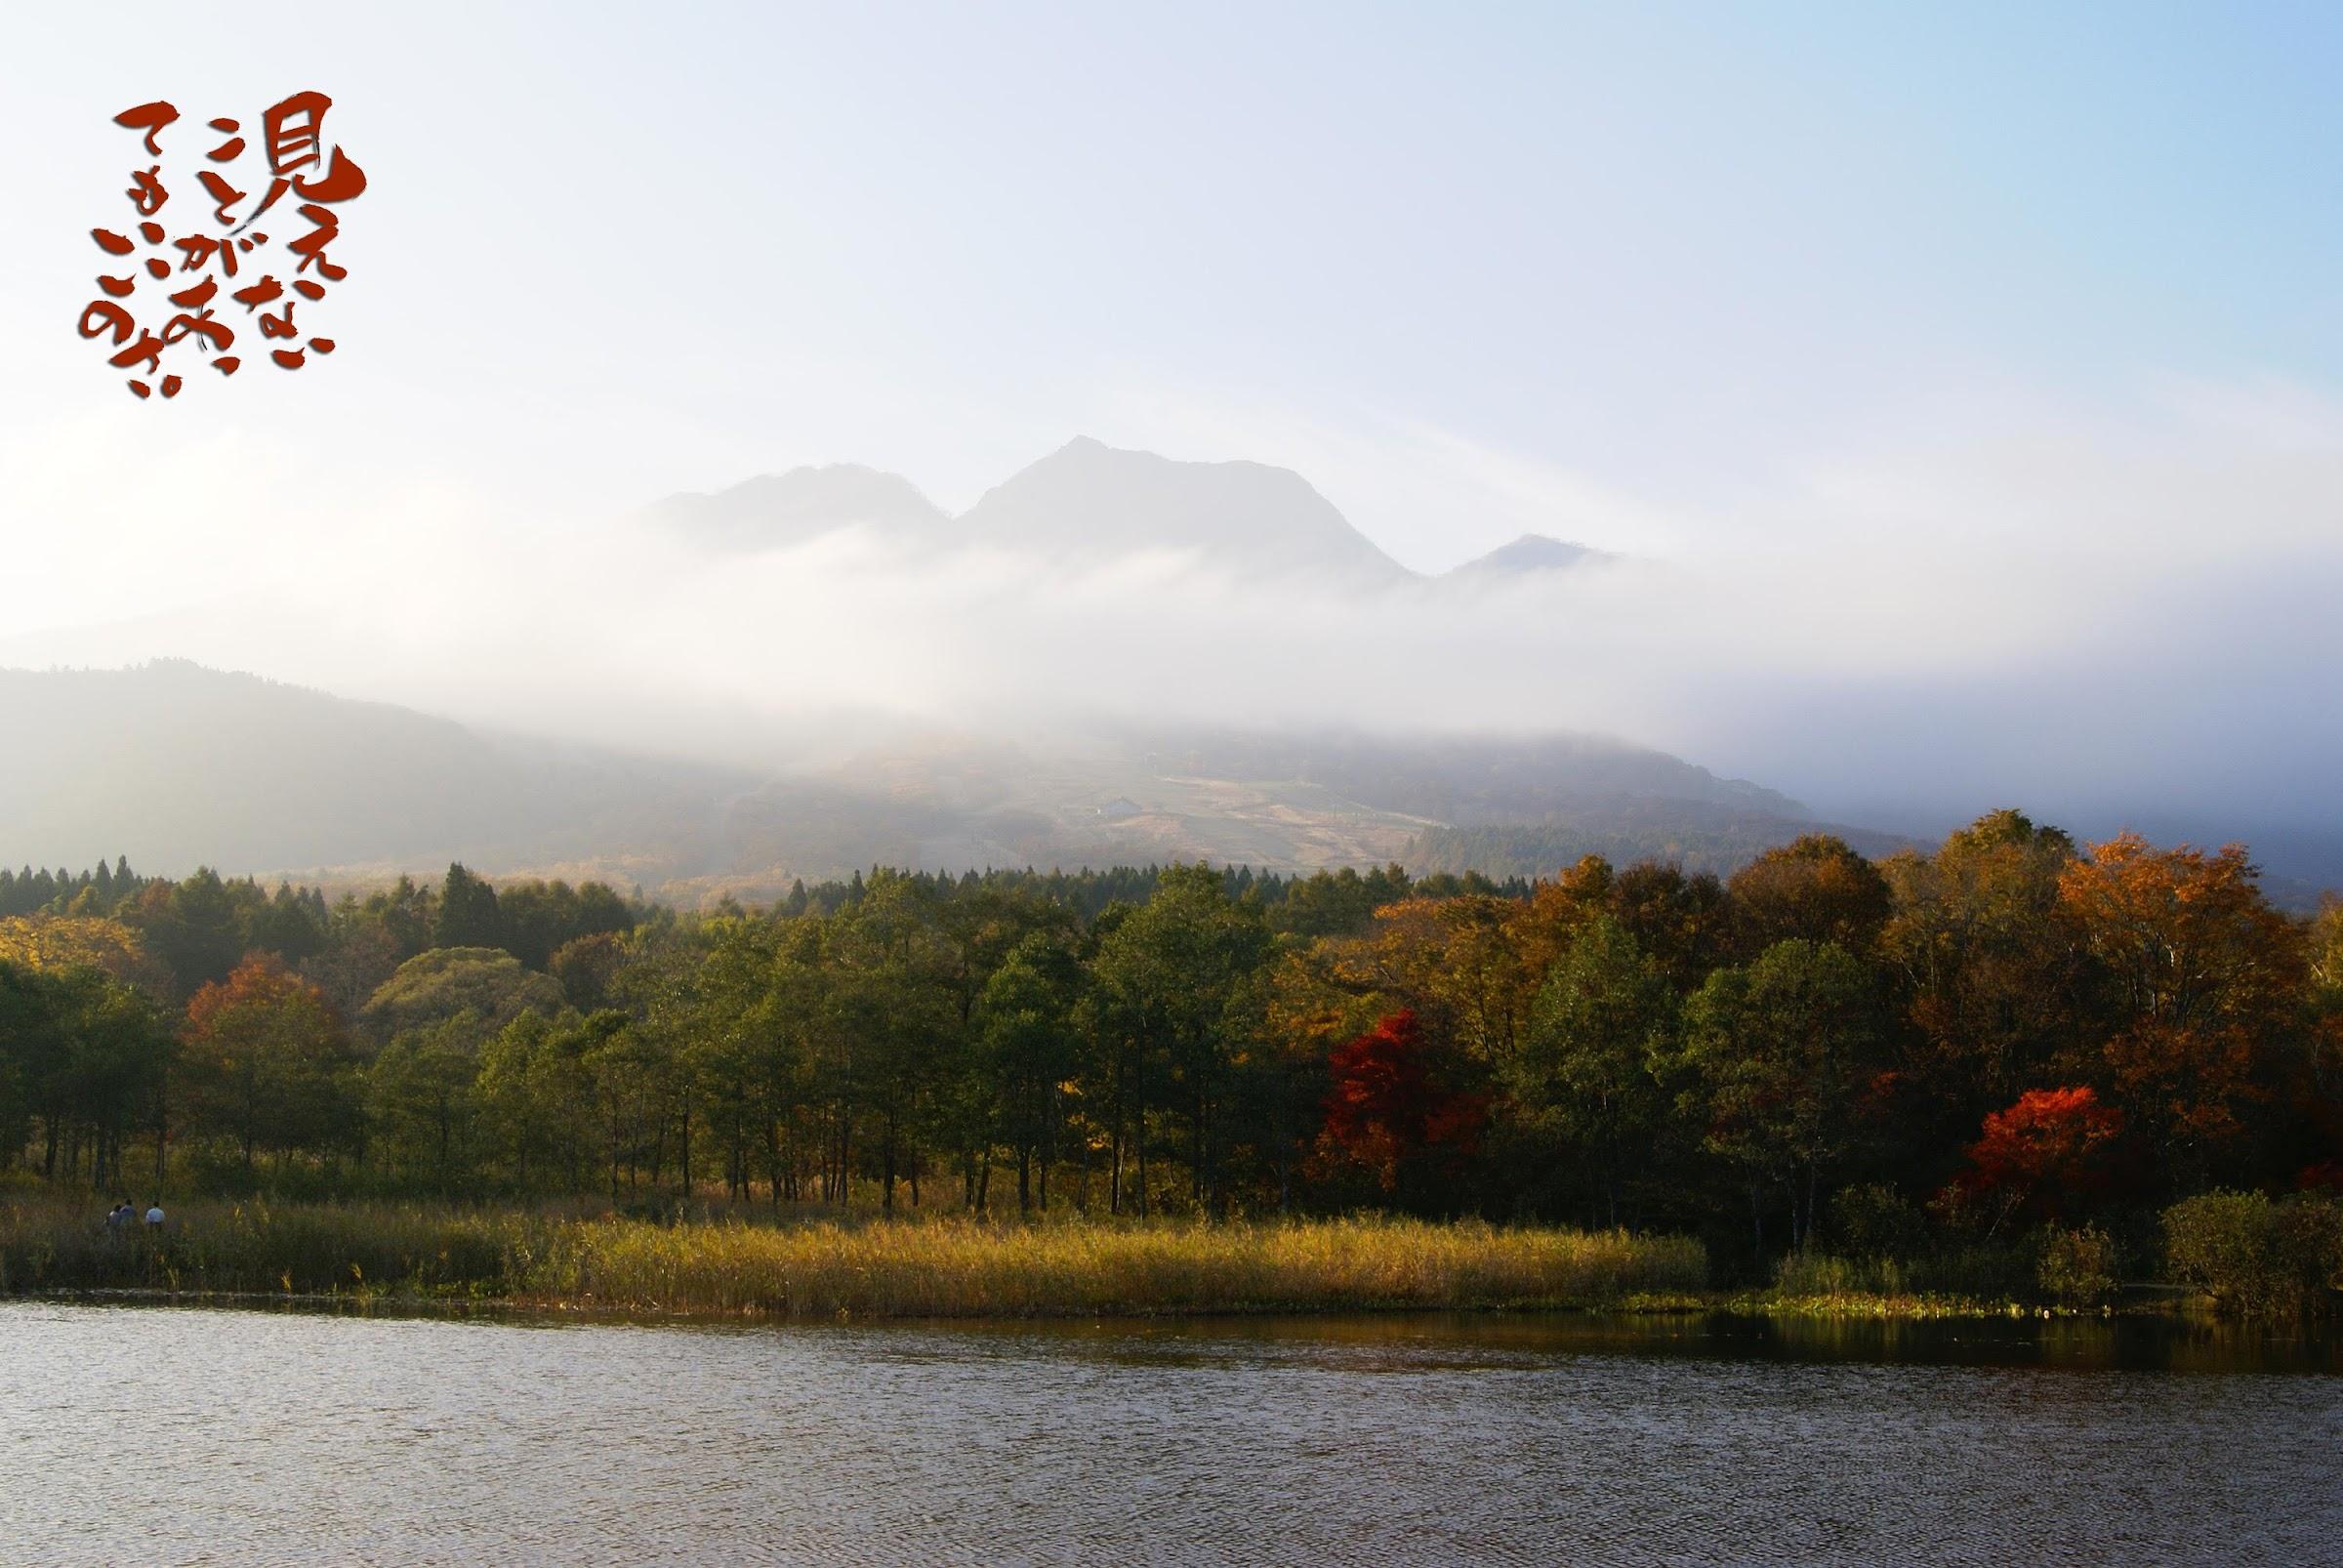 妙高03 いもり池から見た妙高山